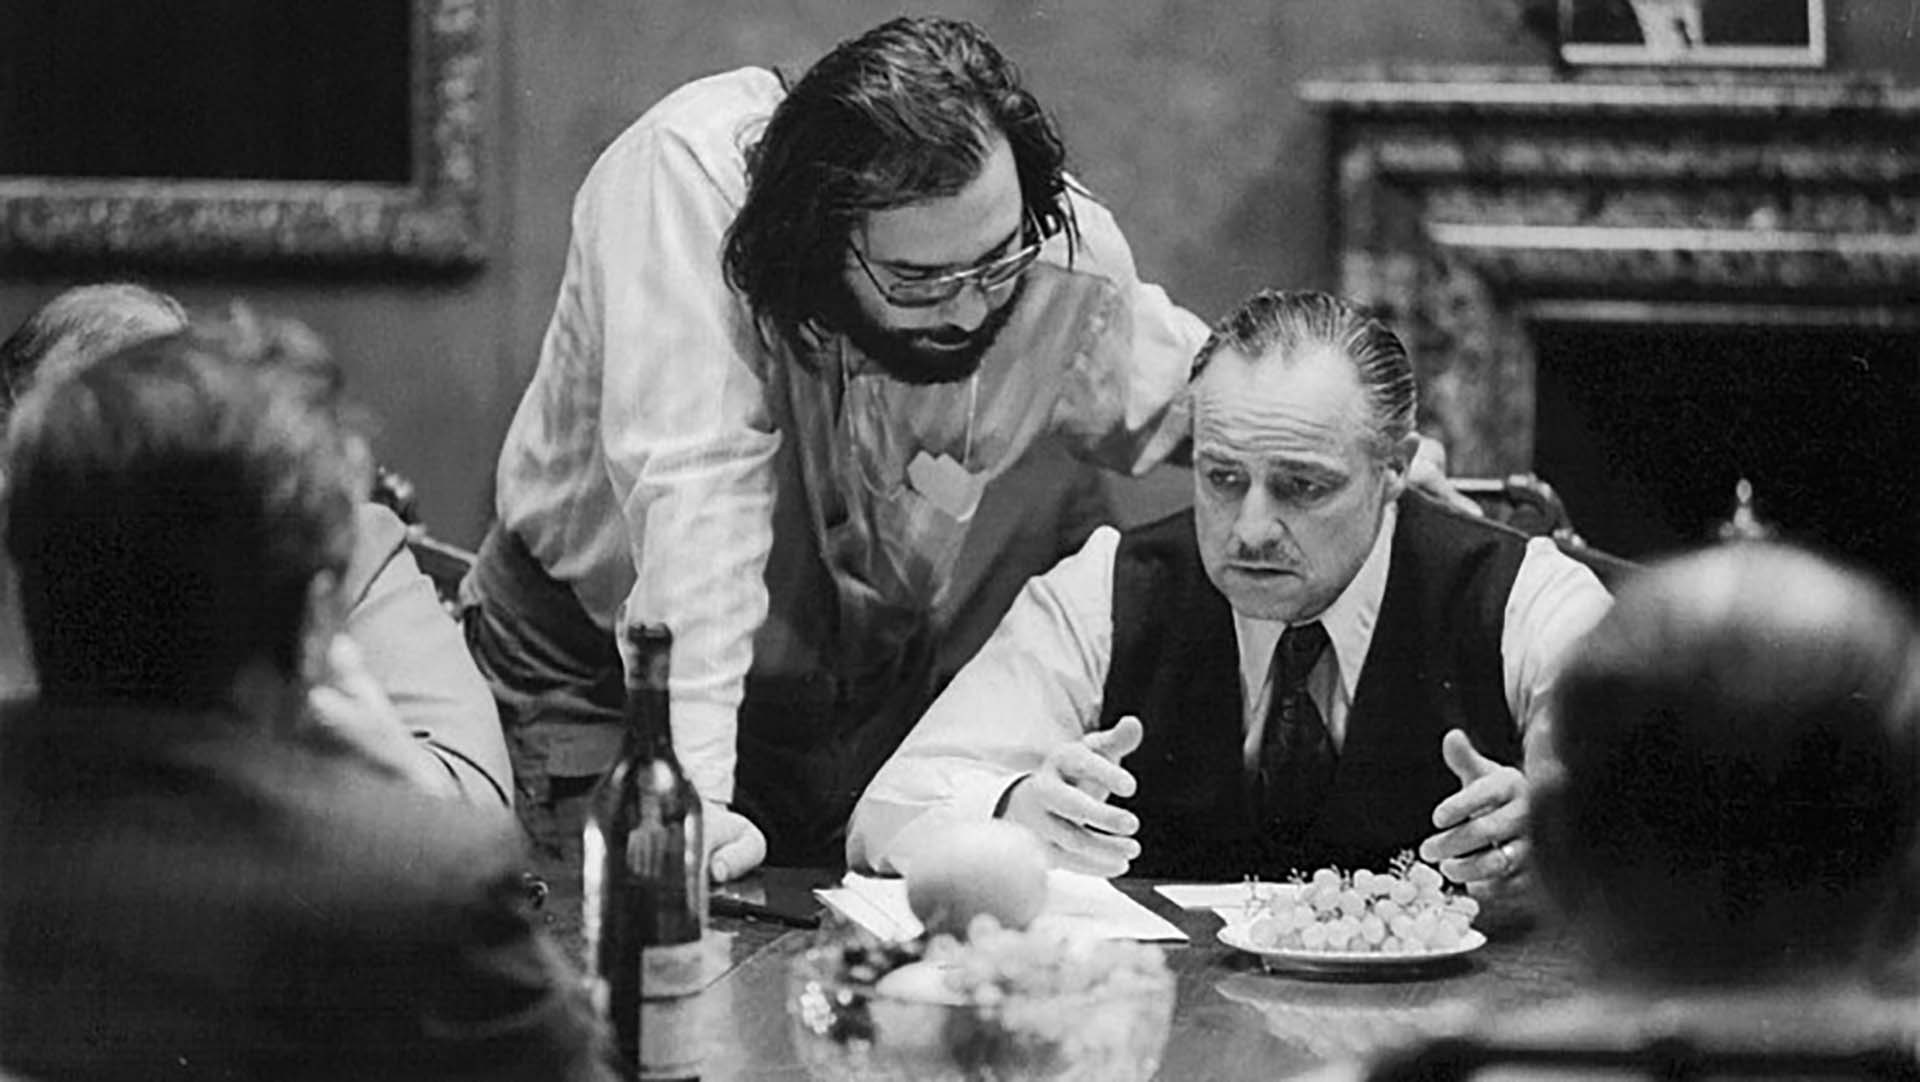 """Marlon Brandoy Francis Ford Coppolarepasando una escena de """"El Padrino""""(1972)"""